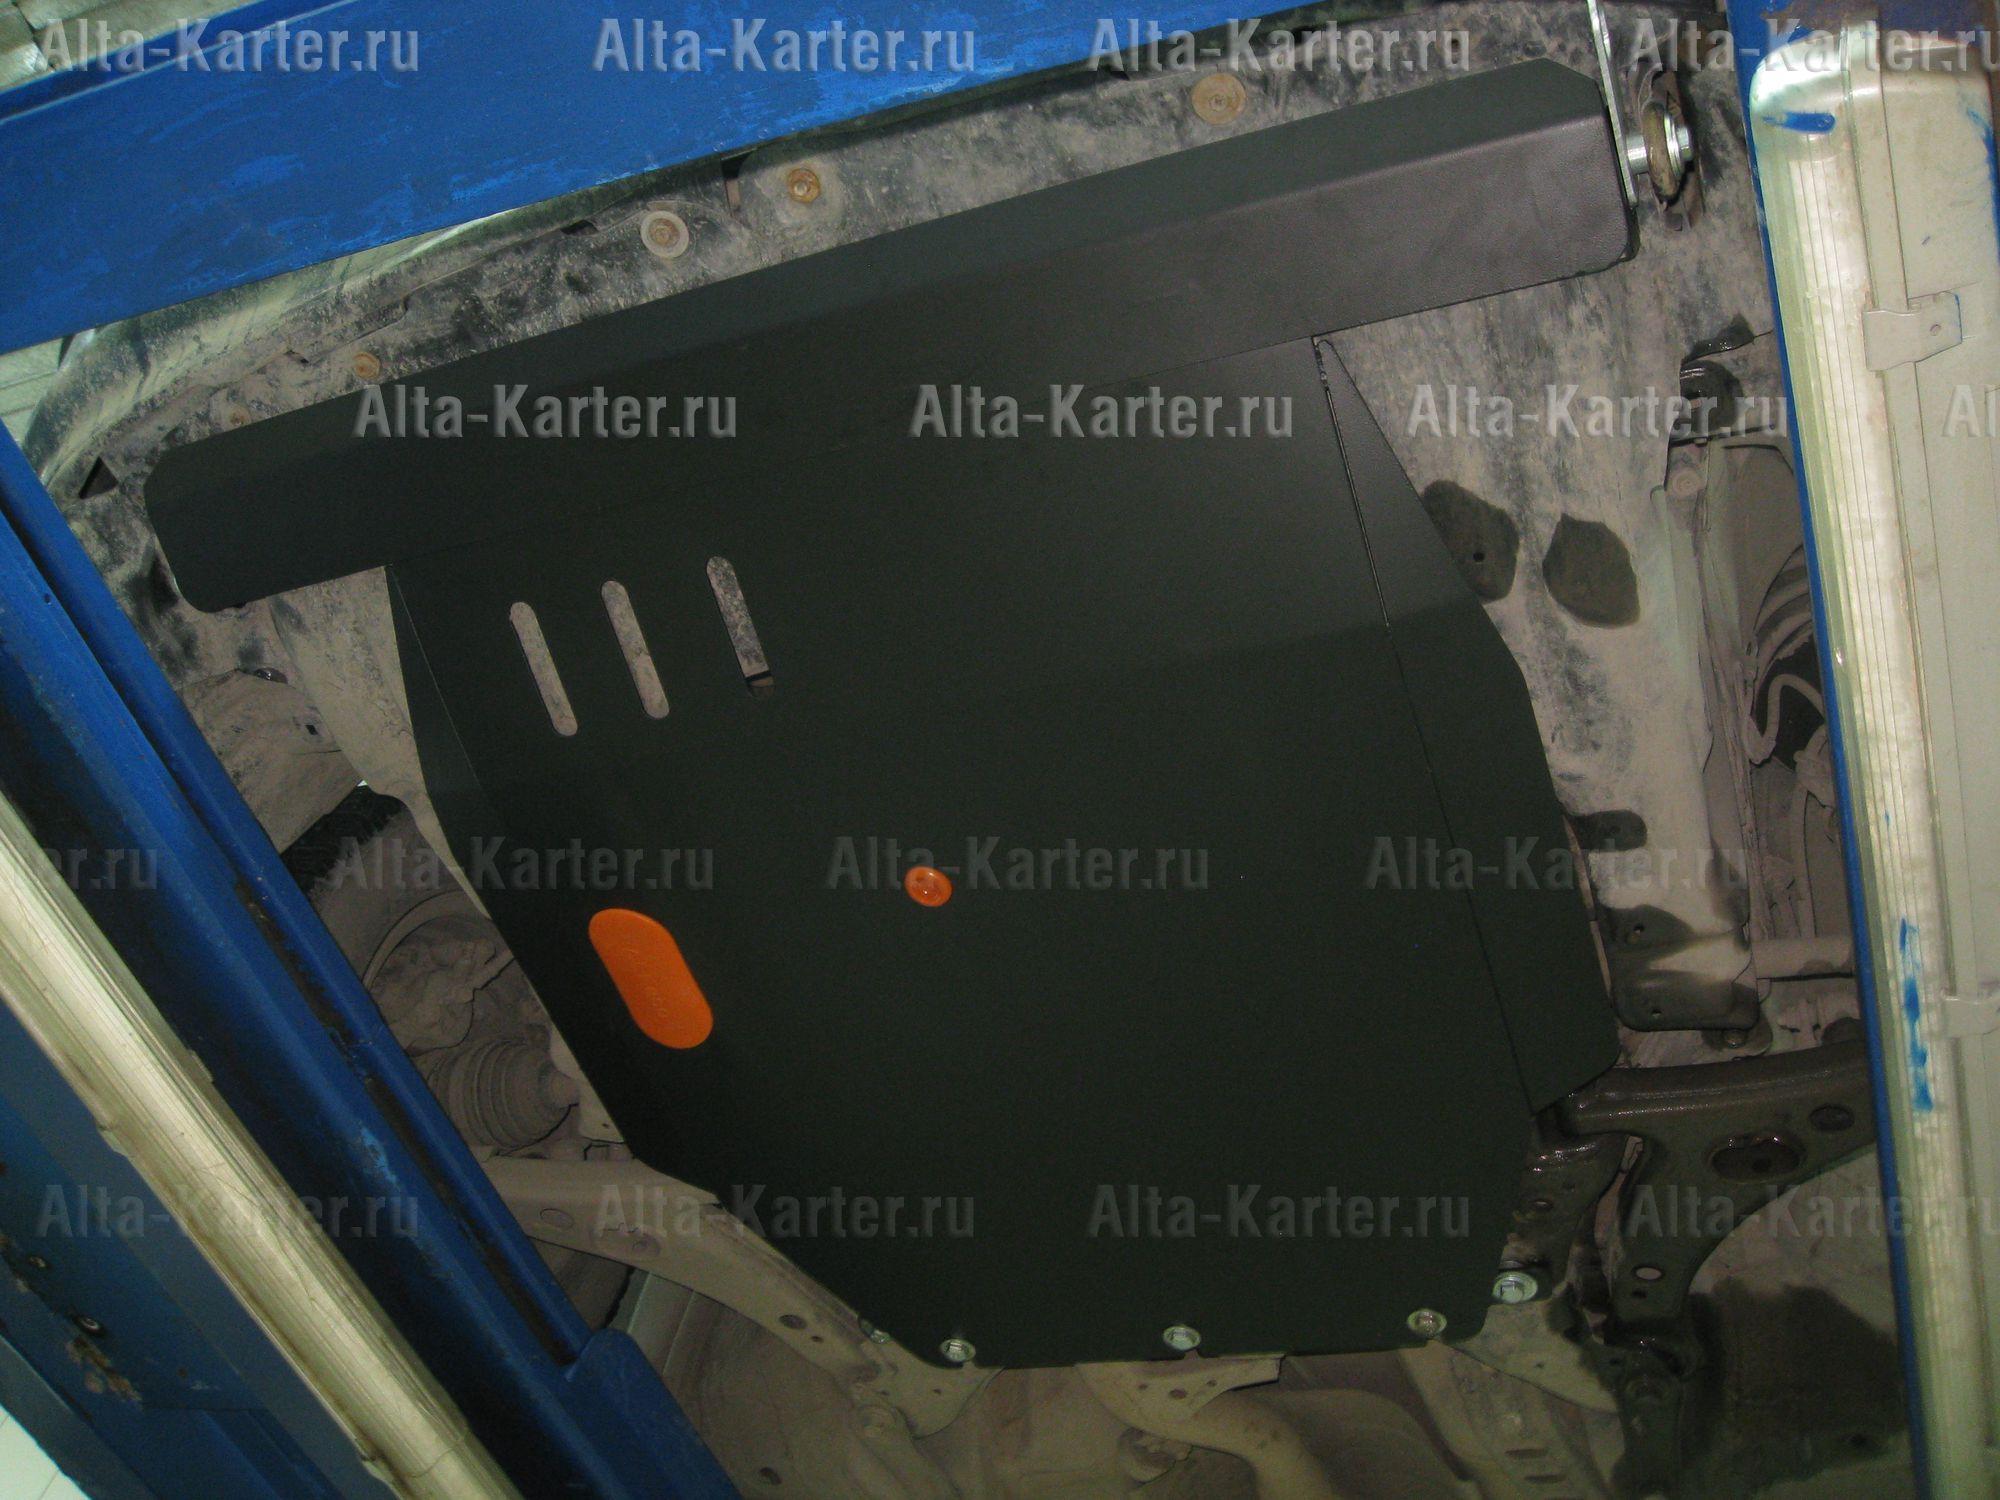 Защита Alfeco для картера и КПП Toyota Carina E T190 1992-1998. Артикул ALF.24.37